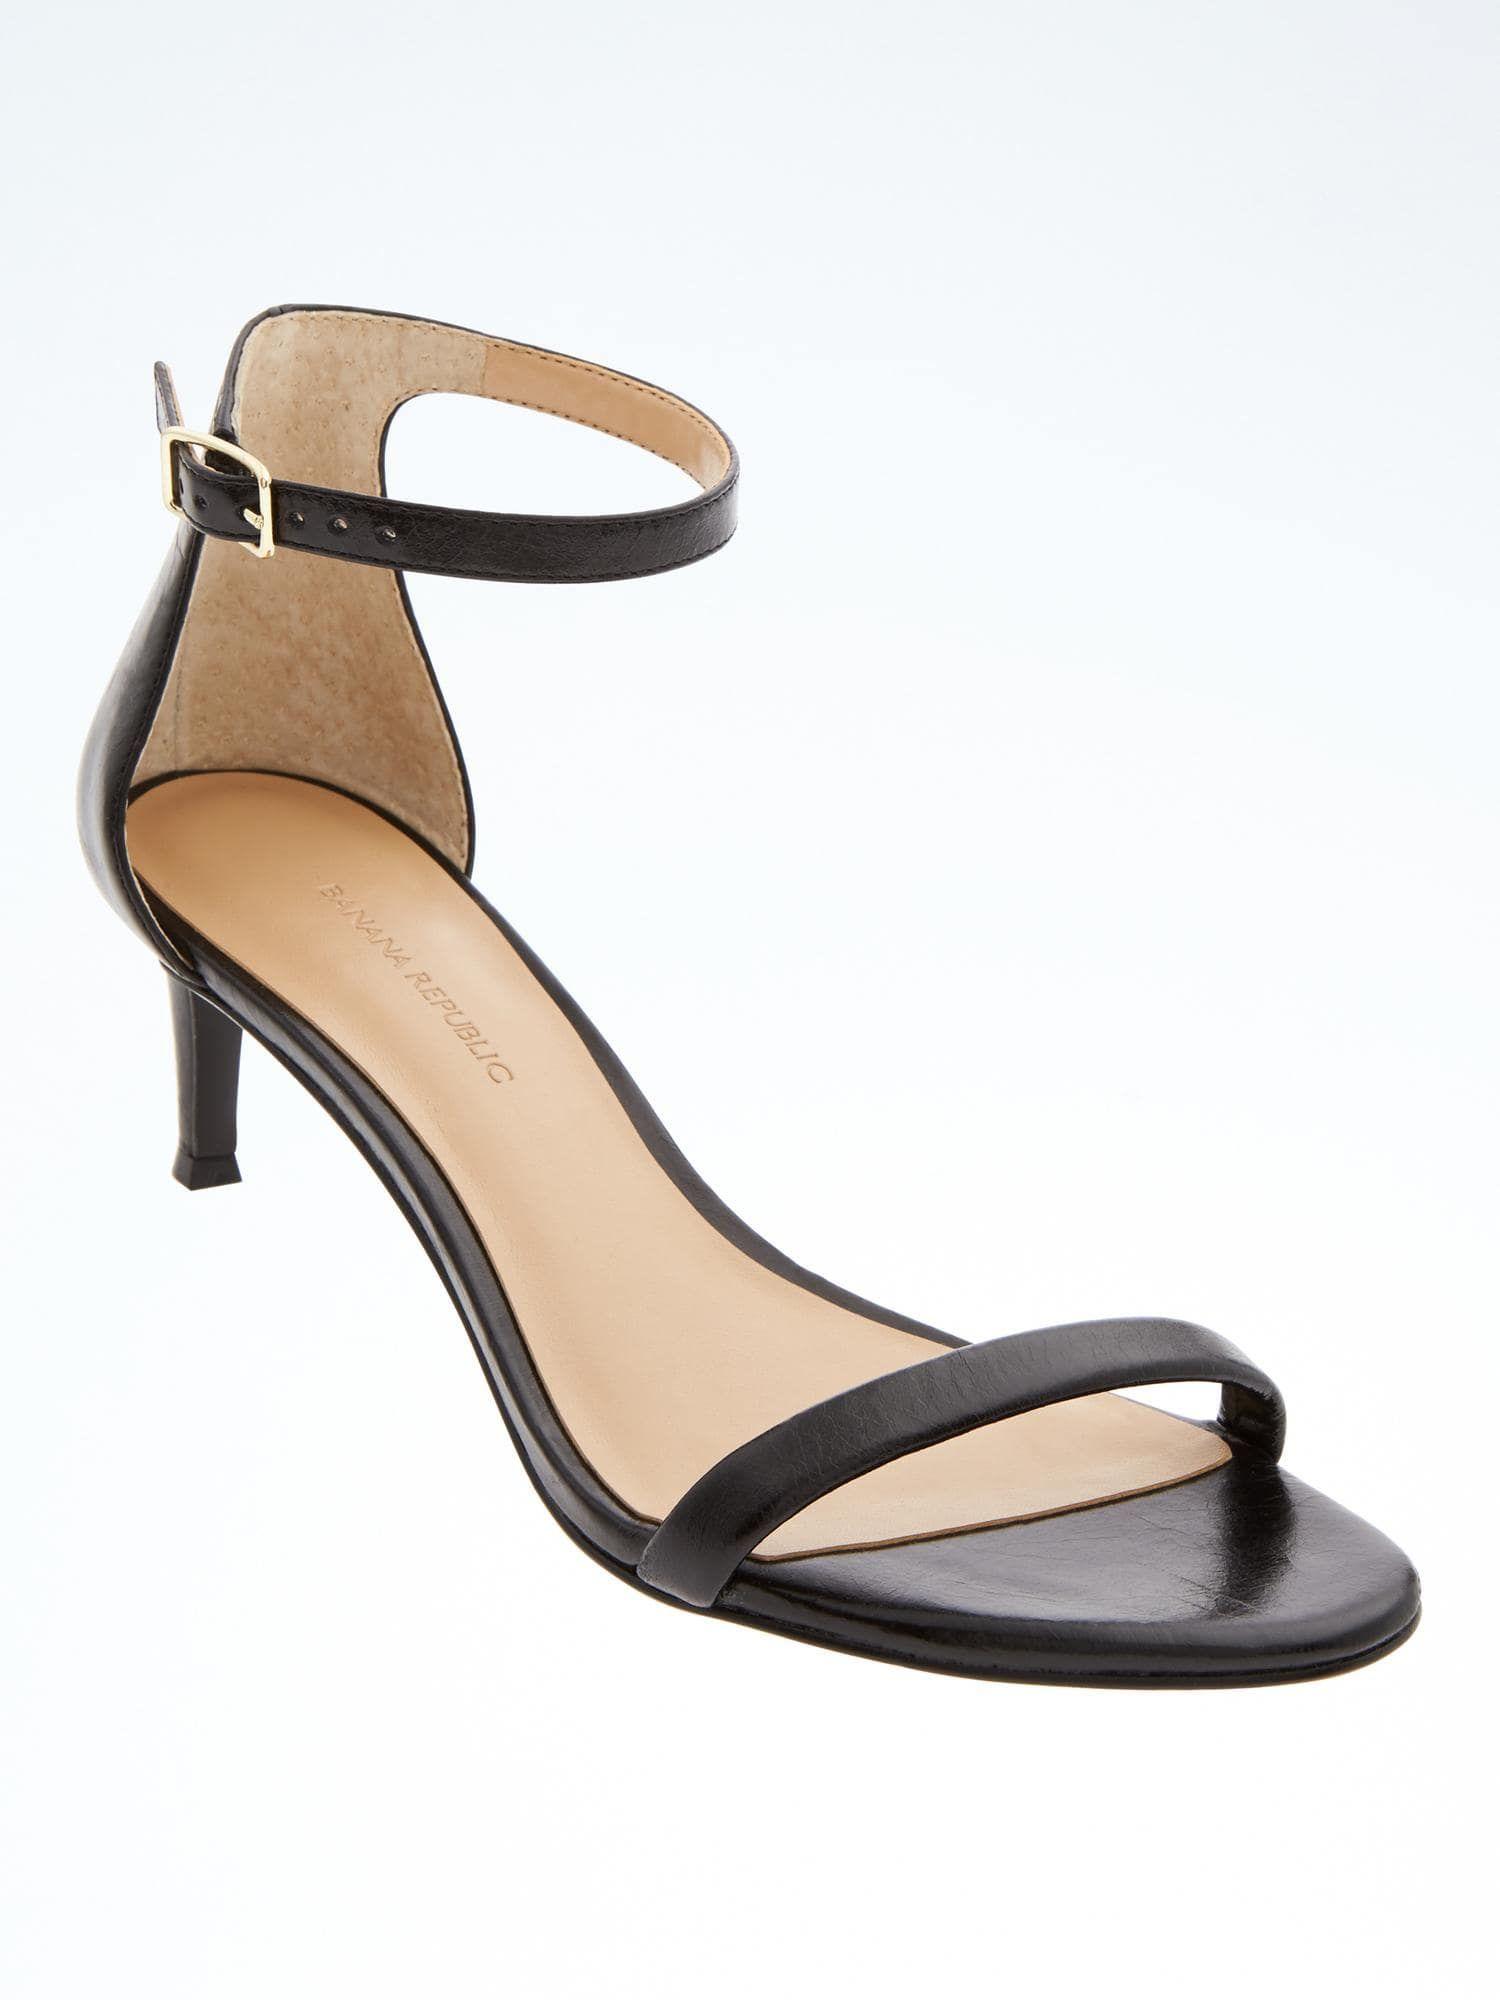 Product Photo Kitten Heel Shoes Sandals Heels Heels